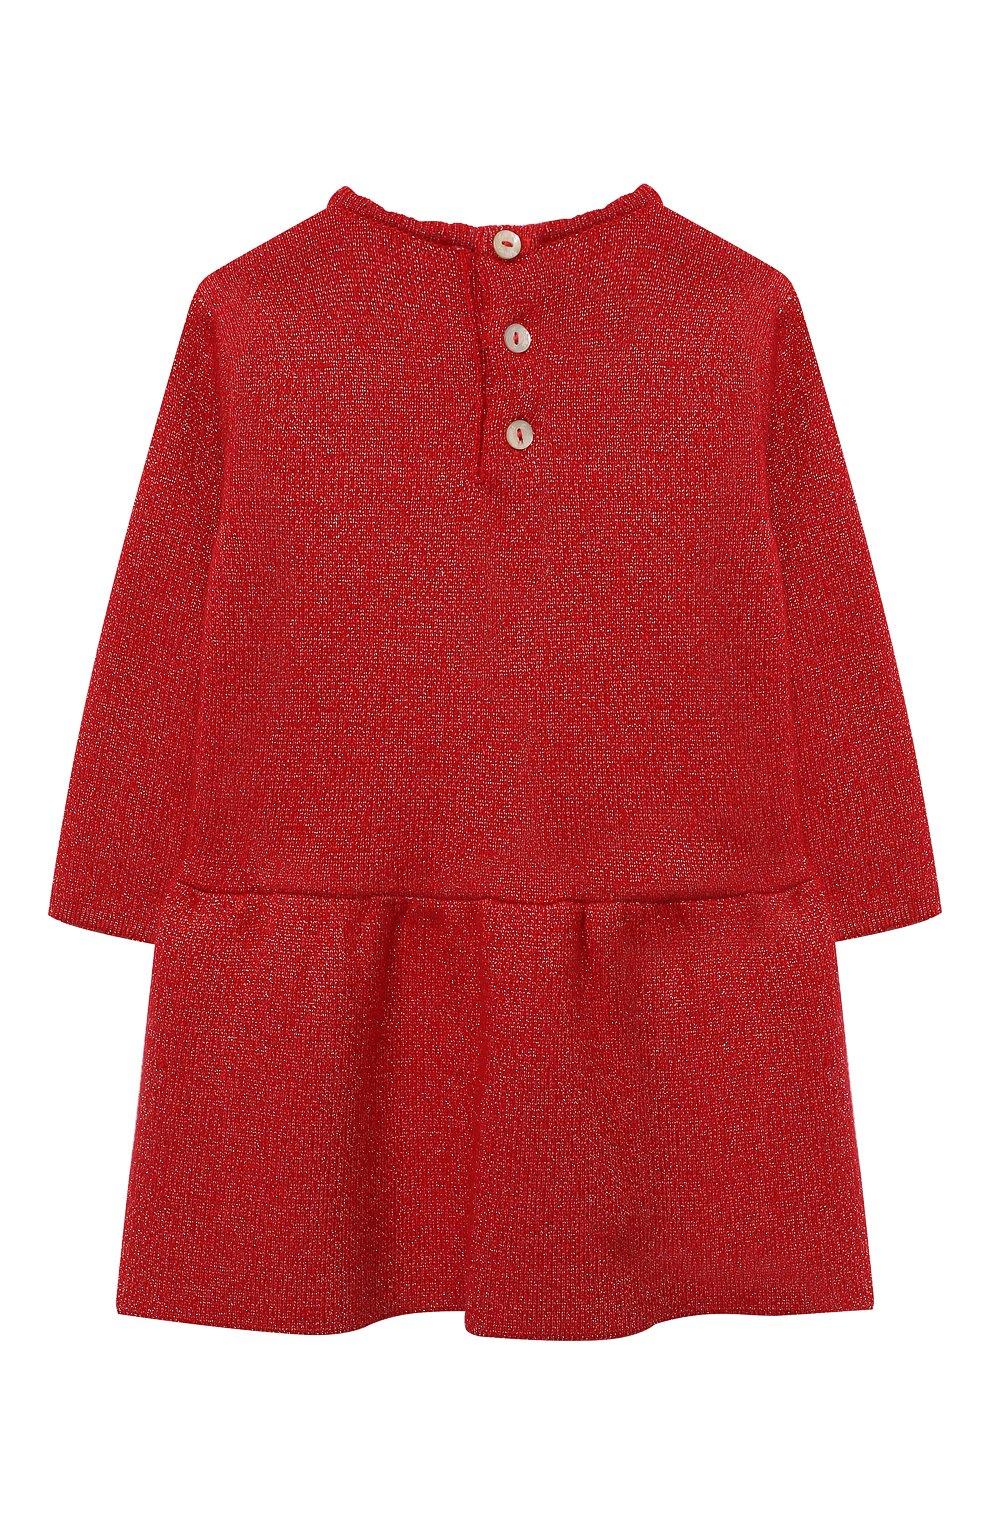 Женский платье TARTINE ET CHOCOLAT красного цвета, арт. TR30091/1M-1A | Фото 2 (Рукава: Длинные; Материал внешний: Синтетический материал, Хлопок; Ростовка одежда: 6 мес | 68 см, 9 мес | 74 см)